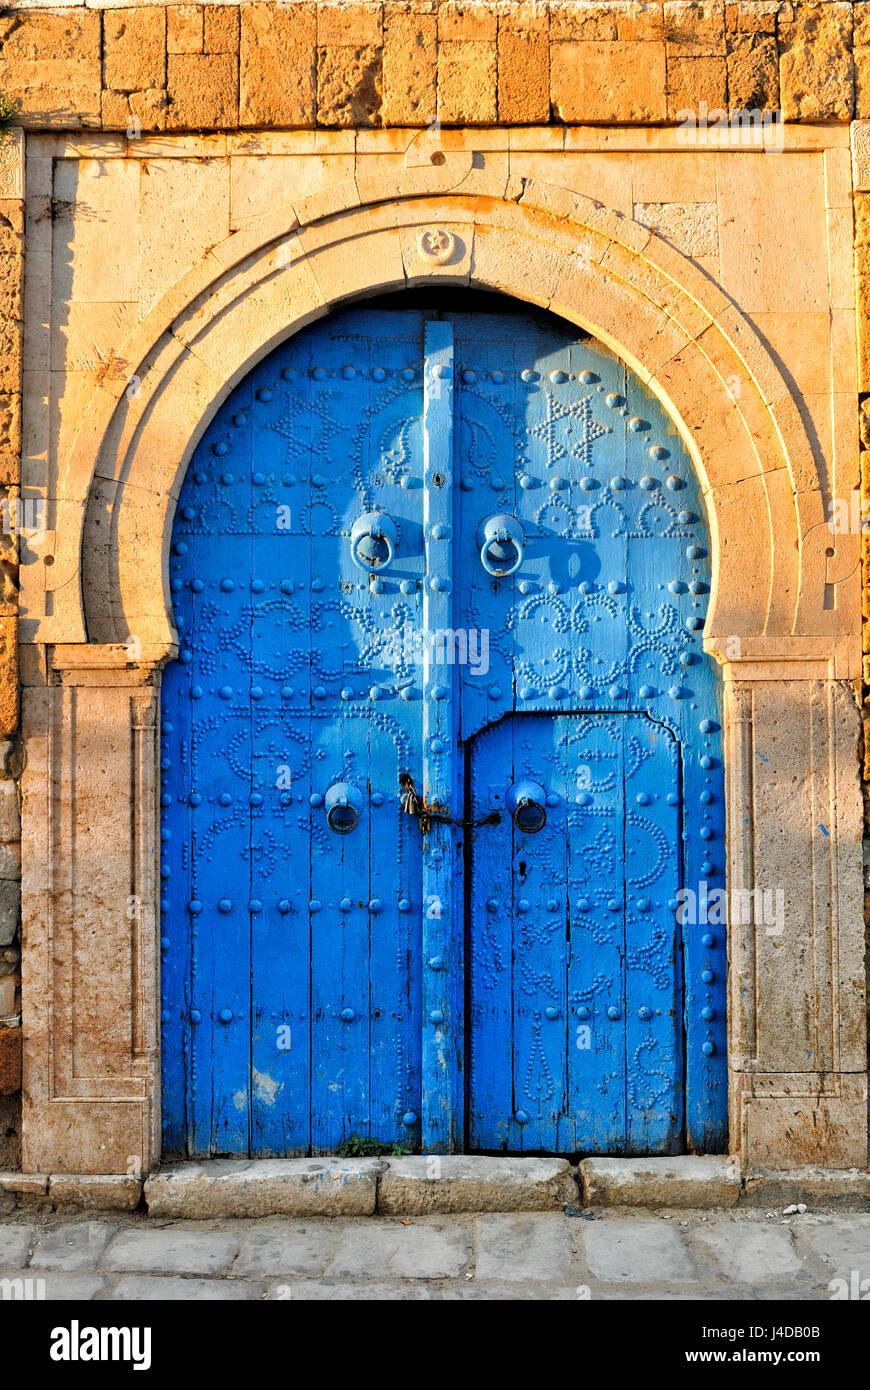 torbogen mit blauen beschlagene t r afrika nordafrika tunesien sidi bou sagte stockfoto. Black Bedroom Furniture Sets. Home Design Ideas